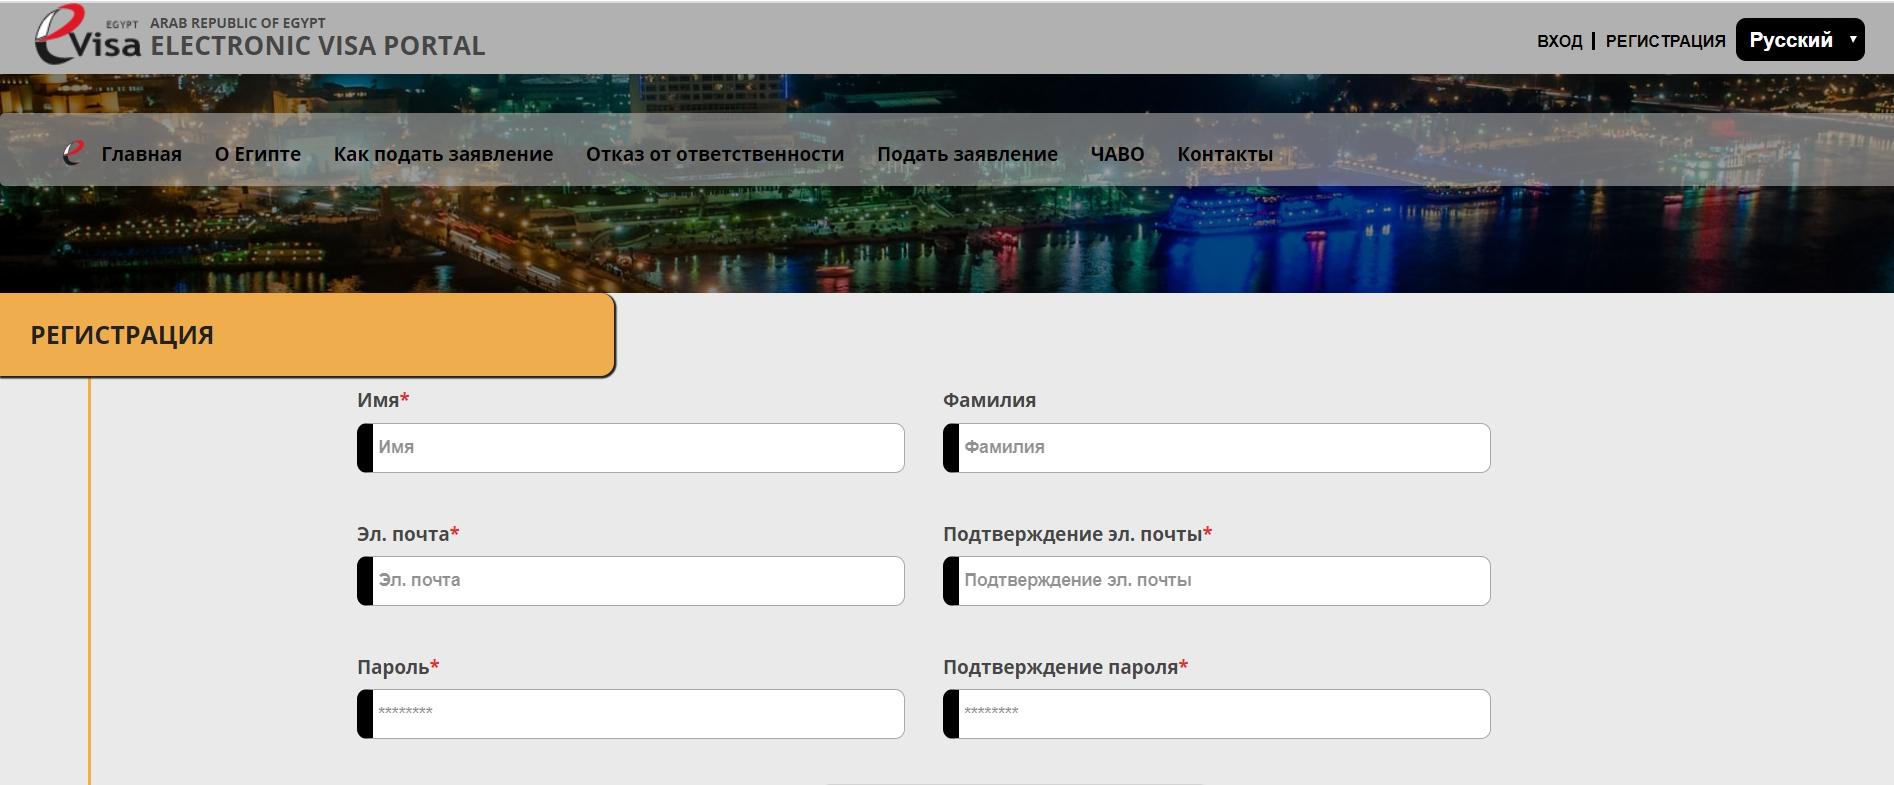 Регистрация на официальном сайте для заполнения анкеты на e-визу